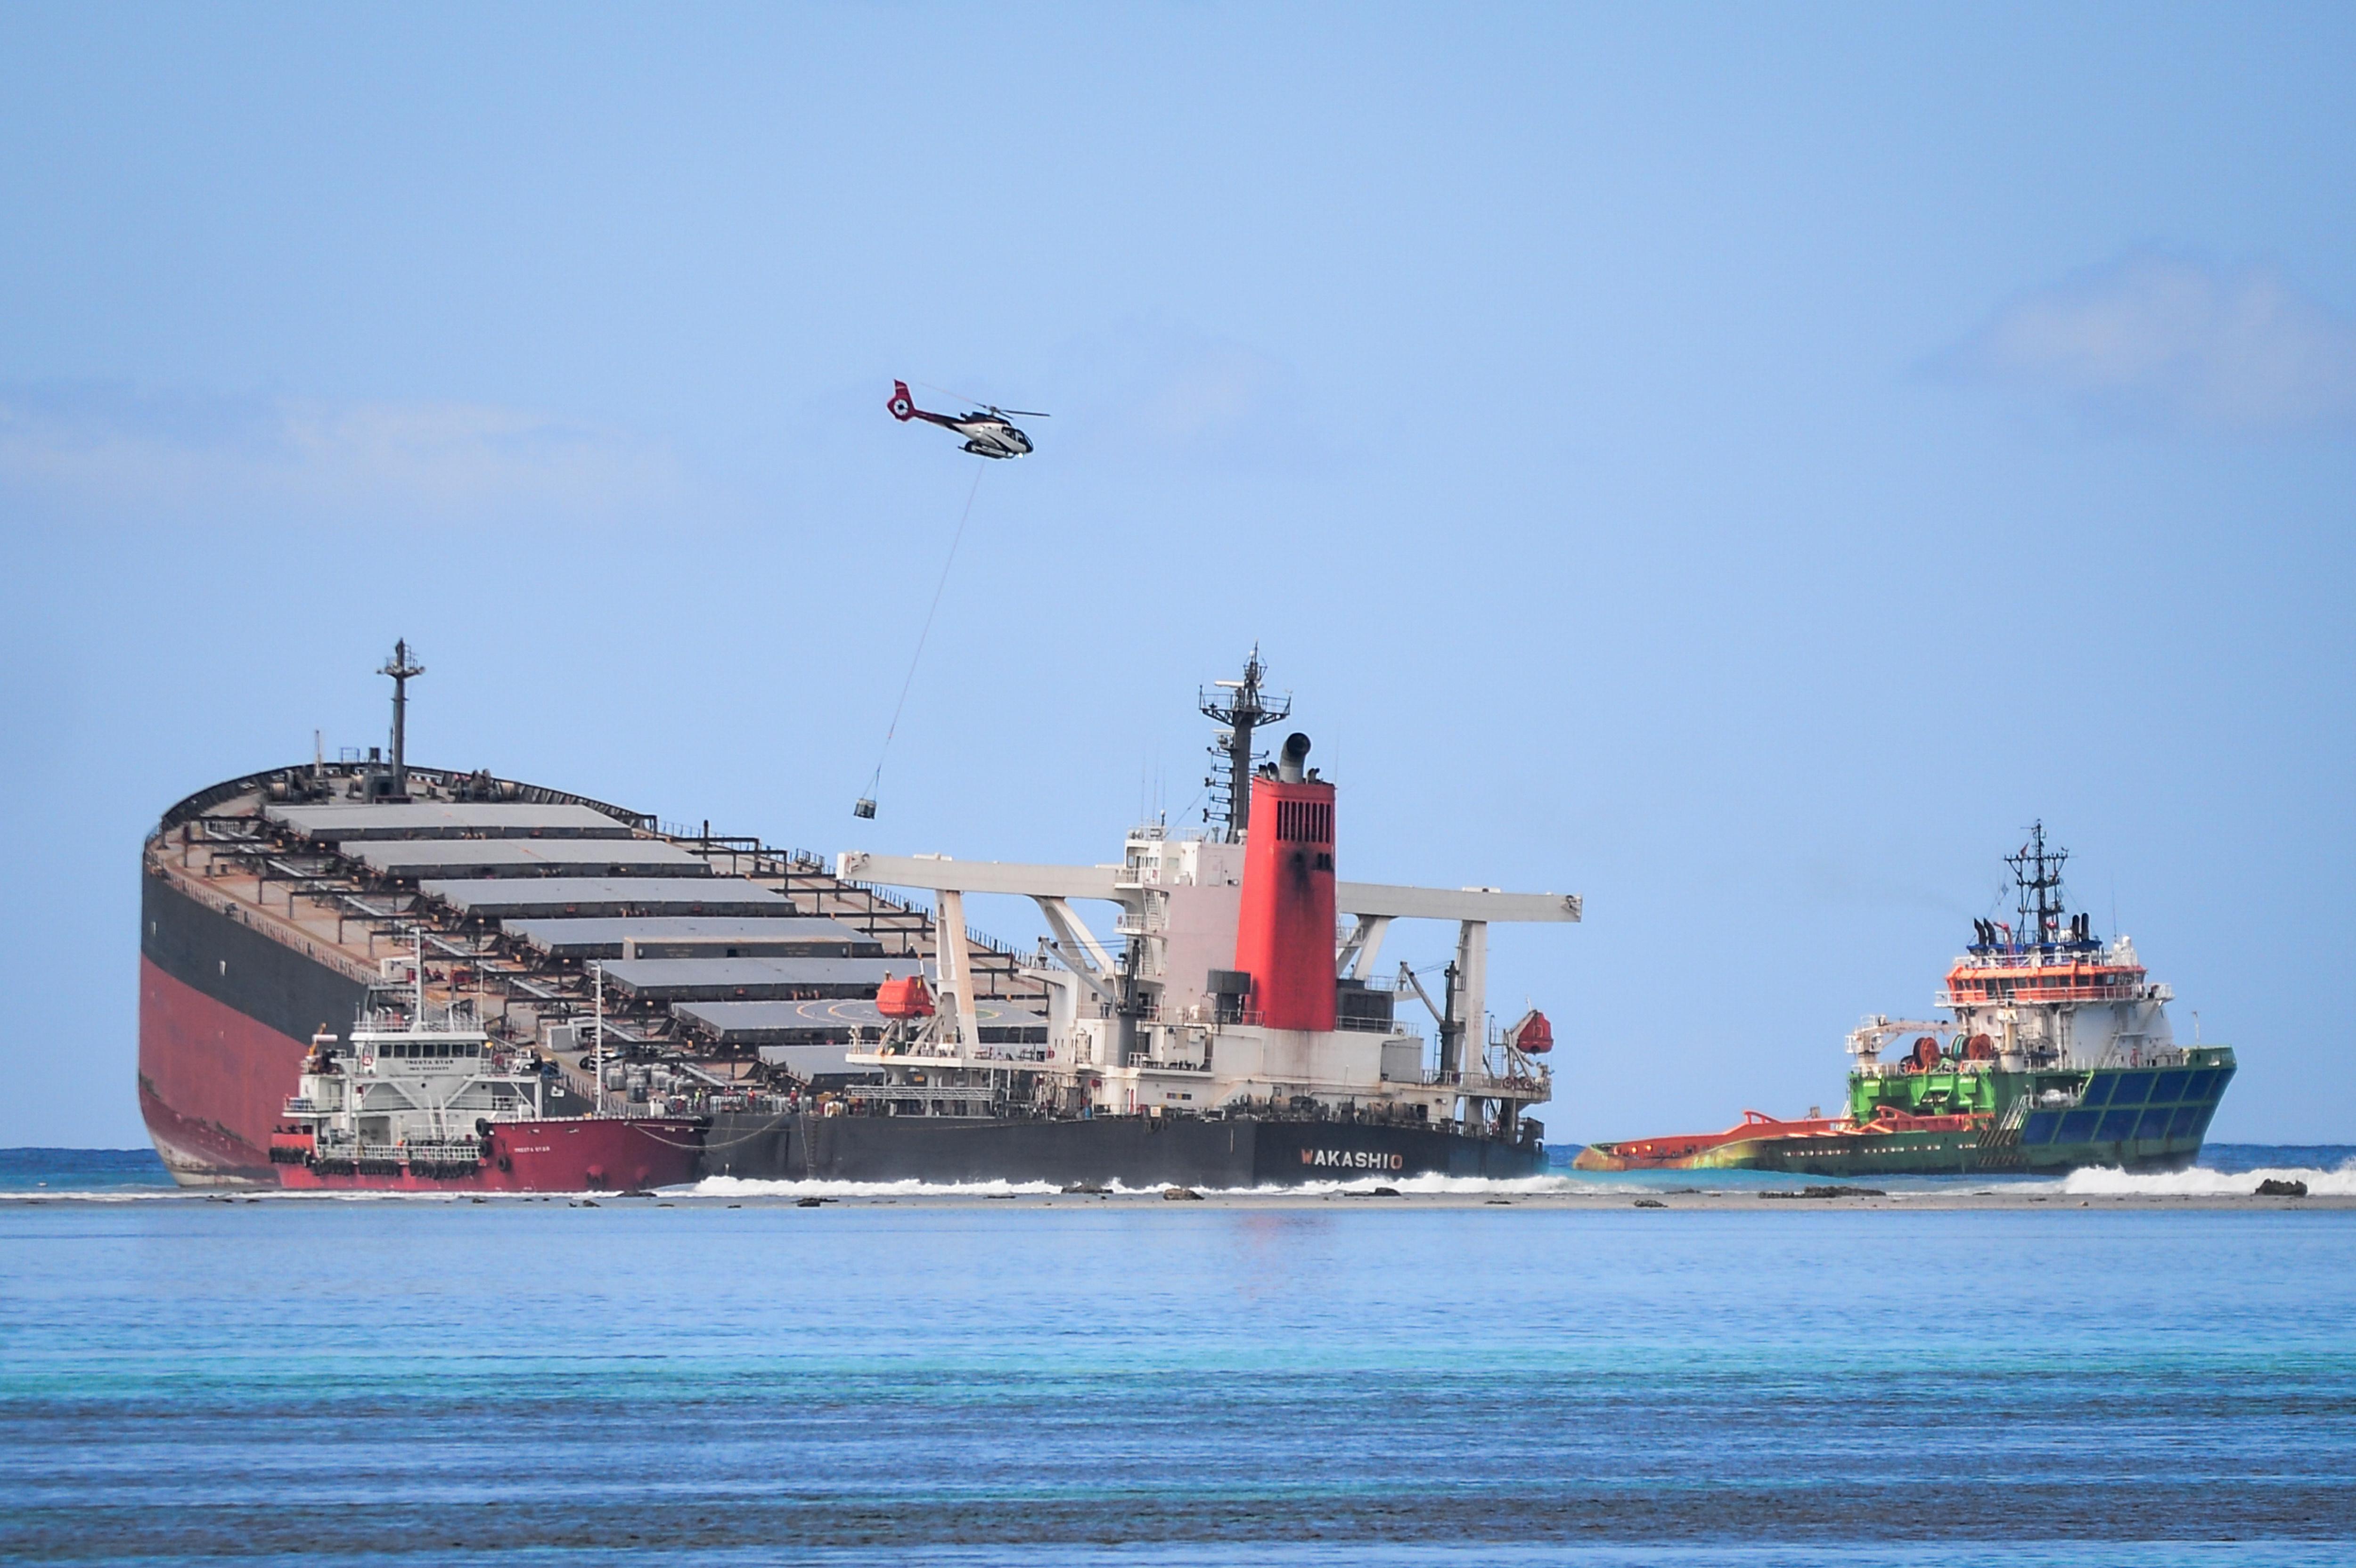 Rohamtempóban igyekeznek kiszivattyúzni az olajat a Mauritiusnál zátonyra futott tankerhajóból, mielőtt kettétörik